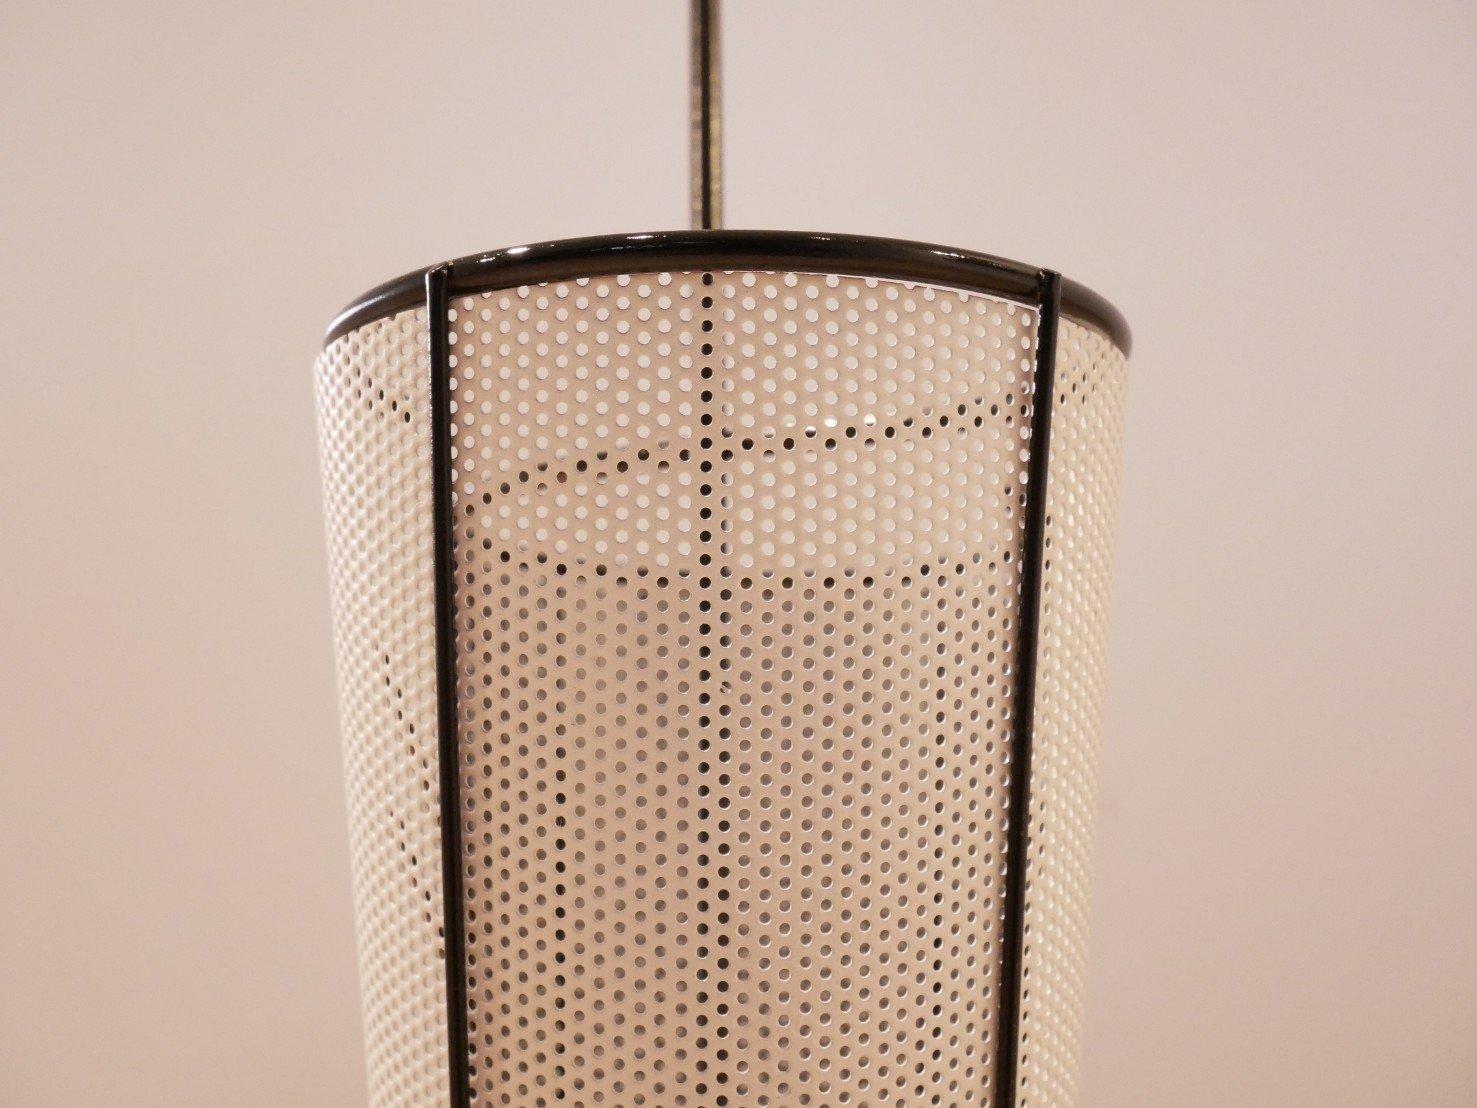 Portaombrelli legno bianco: portaombrelli mobili e accessori per la